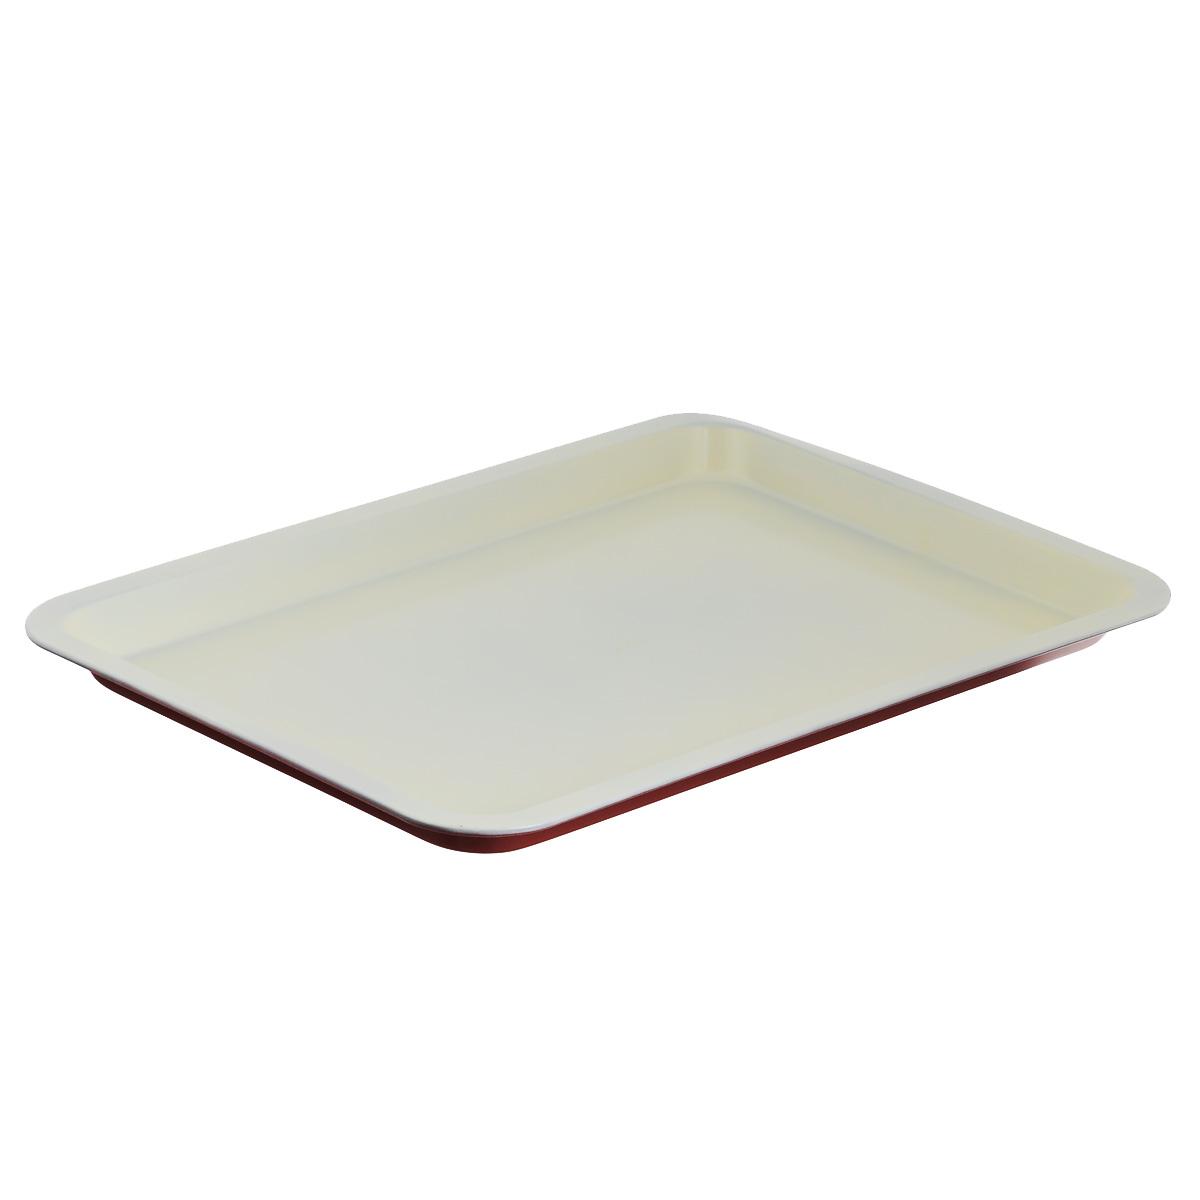 Противень Bekker, с керамическим покрытием, прямоугольный, цвет: красный, белый, 46,5 х 32,5 смBK-3973Прямоугольный противень Bekker изготовлен из углеродистой стали с антипригарным керамическим покрытием Pfluon, благодаря чему пища не пригорает и не прилипает к стенкам посуды. Снаружи противня цветное жаропрочное покрытие. Кроме того, готовить можно с добавлением минимального количества масла и жиров. Антипригарное покрытие также обеспечивает легкость мытья. Стенки ровные. Для чистки нельзя использовать абразивные чистящие средства и жесткие губки. Подходит для использования в духовом шкафу. Нельзя мыть в посудомоечной машине.